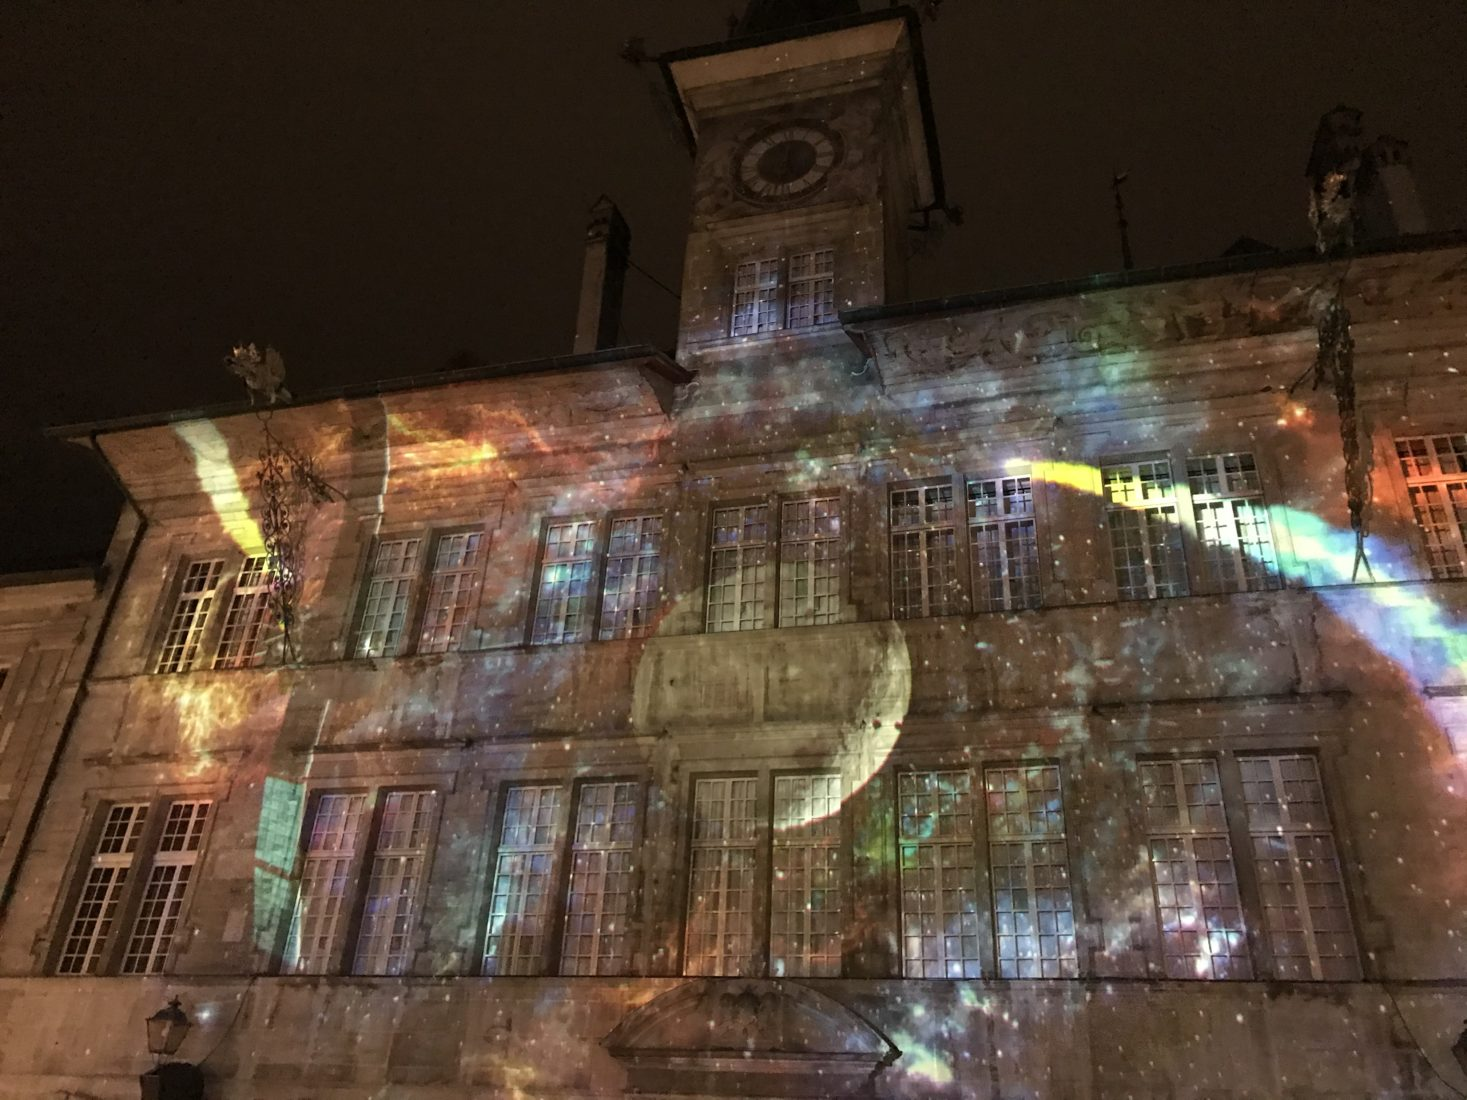 Lausanne ~ Place de la Palud hôtel de ville illuminé 2019